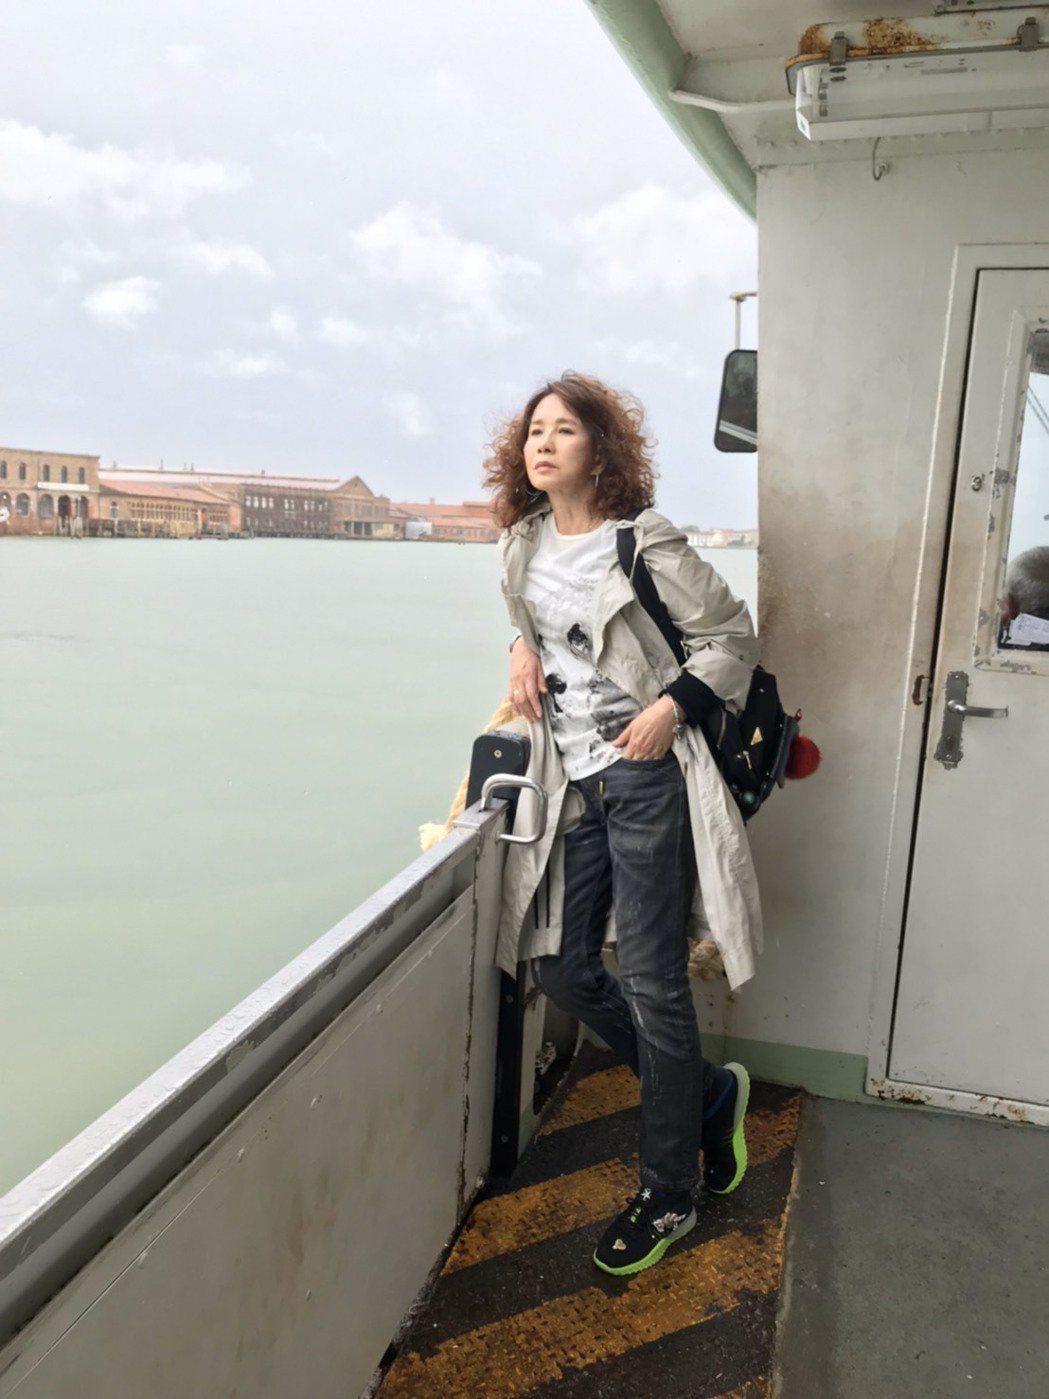 周丹薇日前到威尼斯進修琉璃課。圖/周丹薇提供